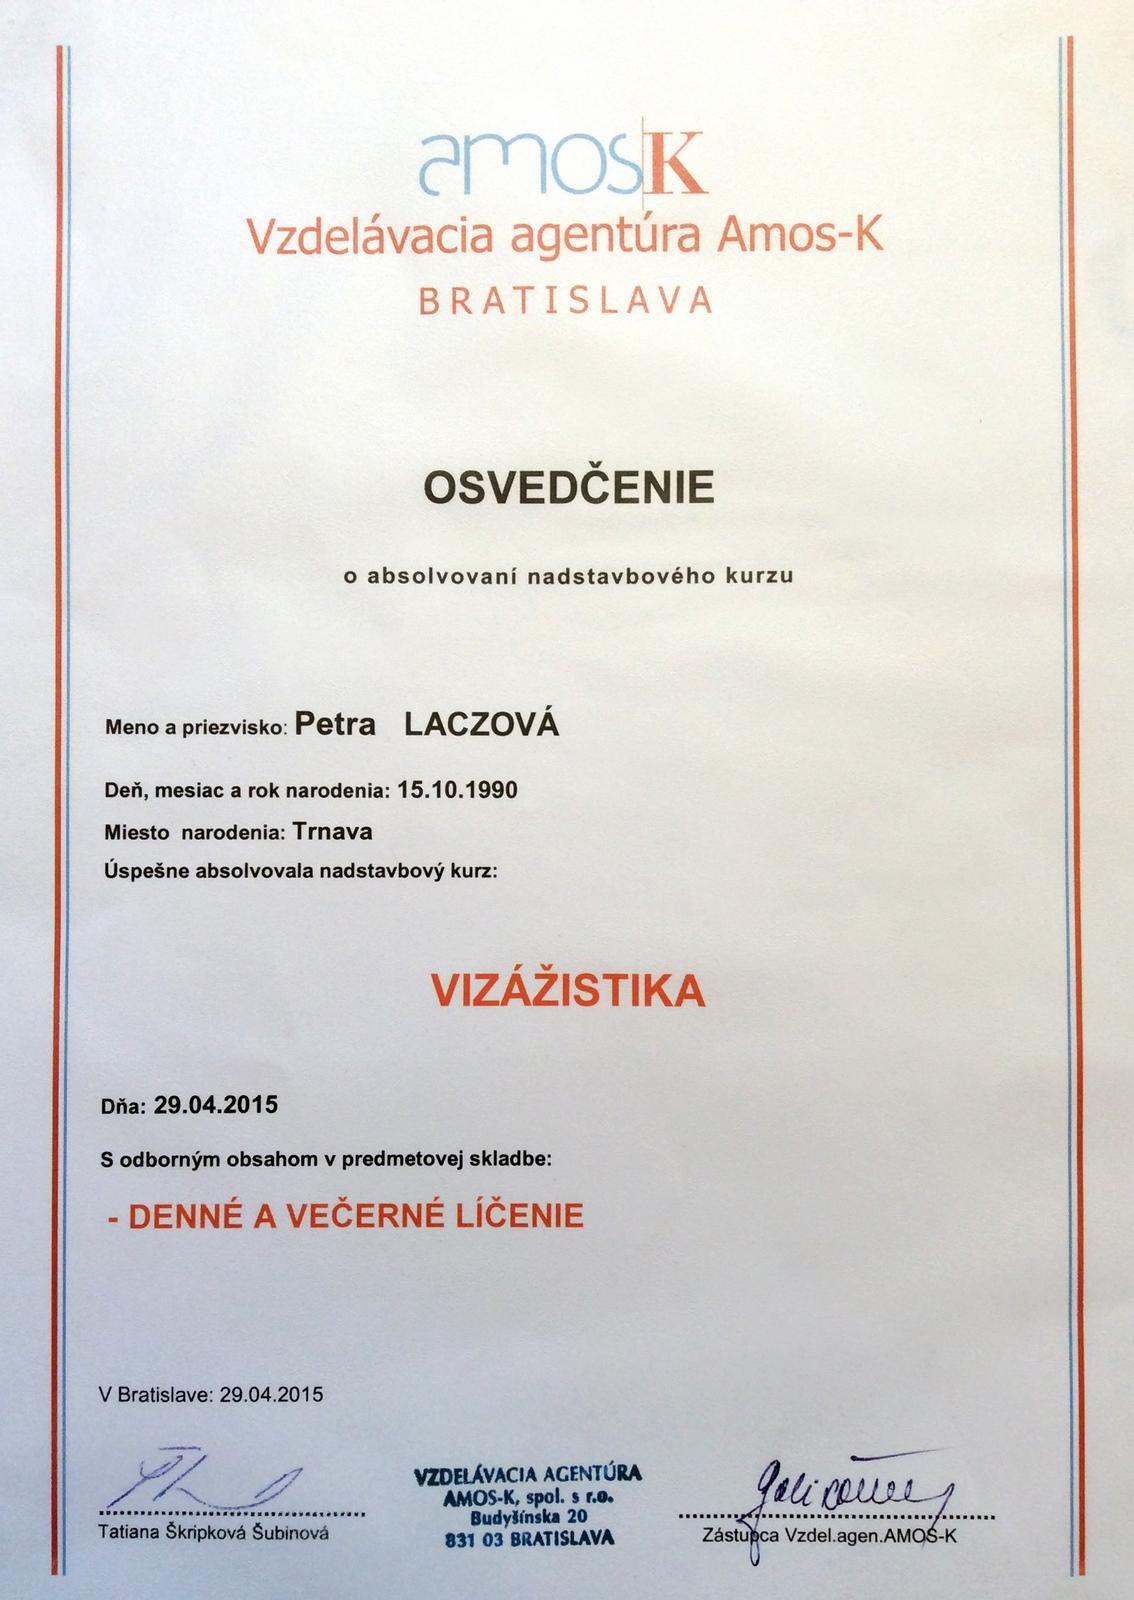 Certifikáty - 29.04.2015...Môj prvý kurz líčenia v Bratislave s tematikou na denné a večerné líčenie :-)